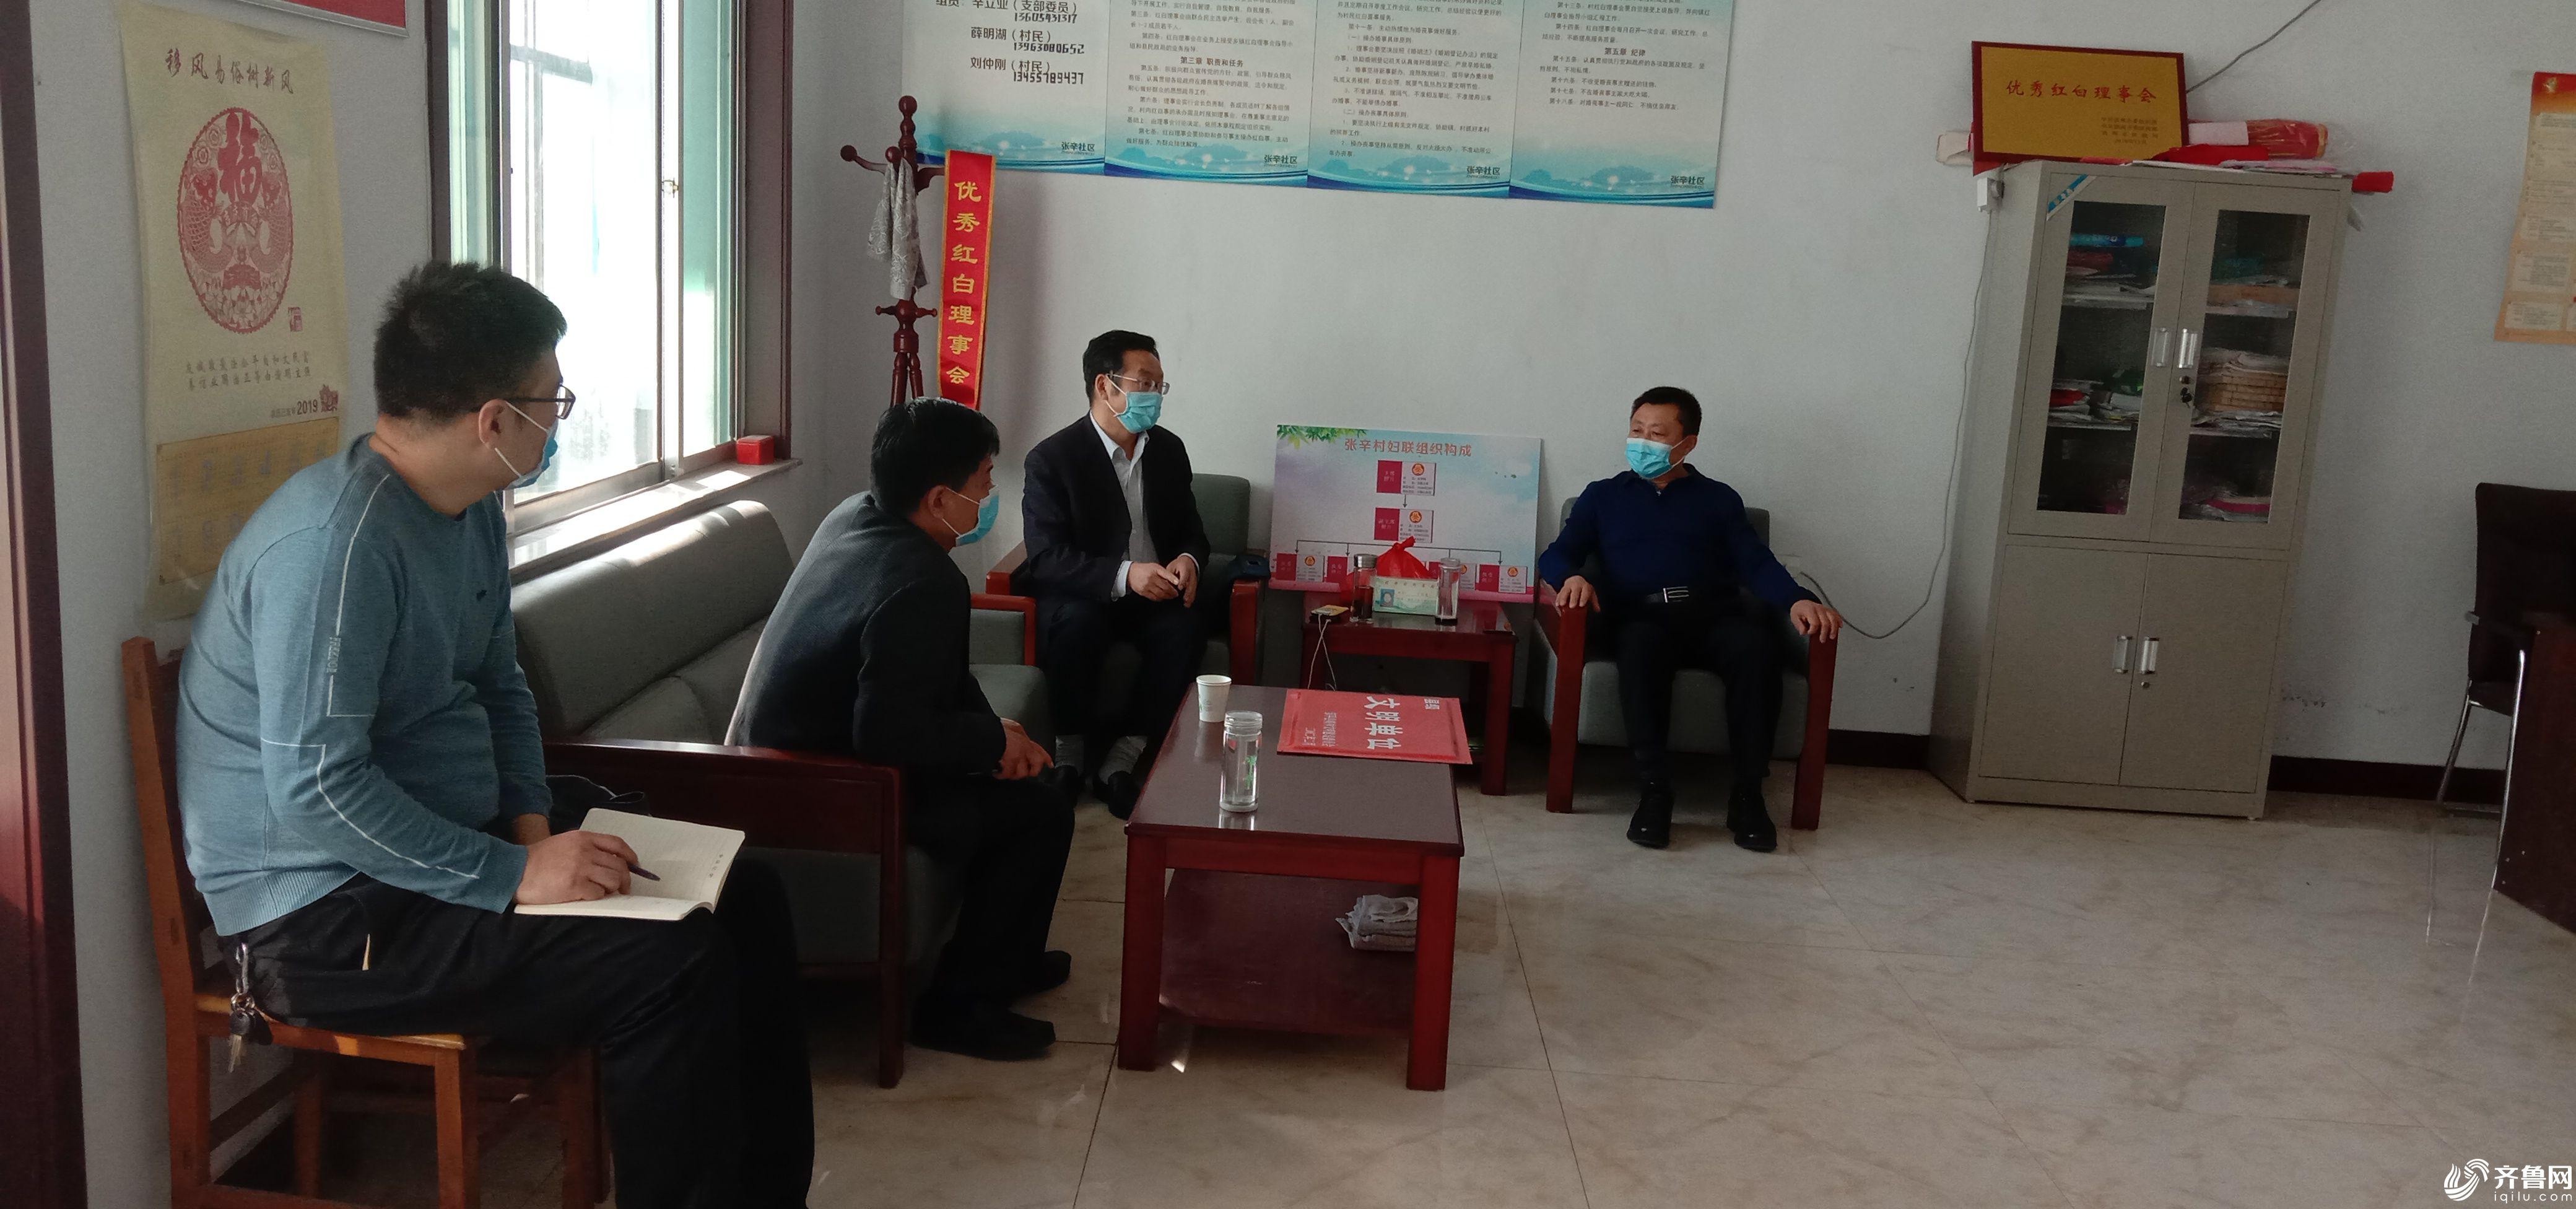 3、17下午张辛村座谈发展问题2